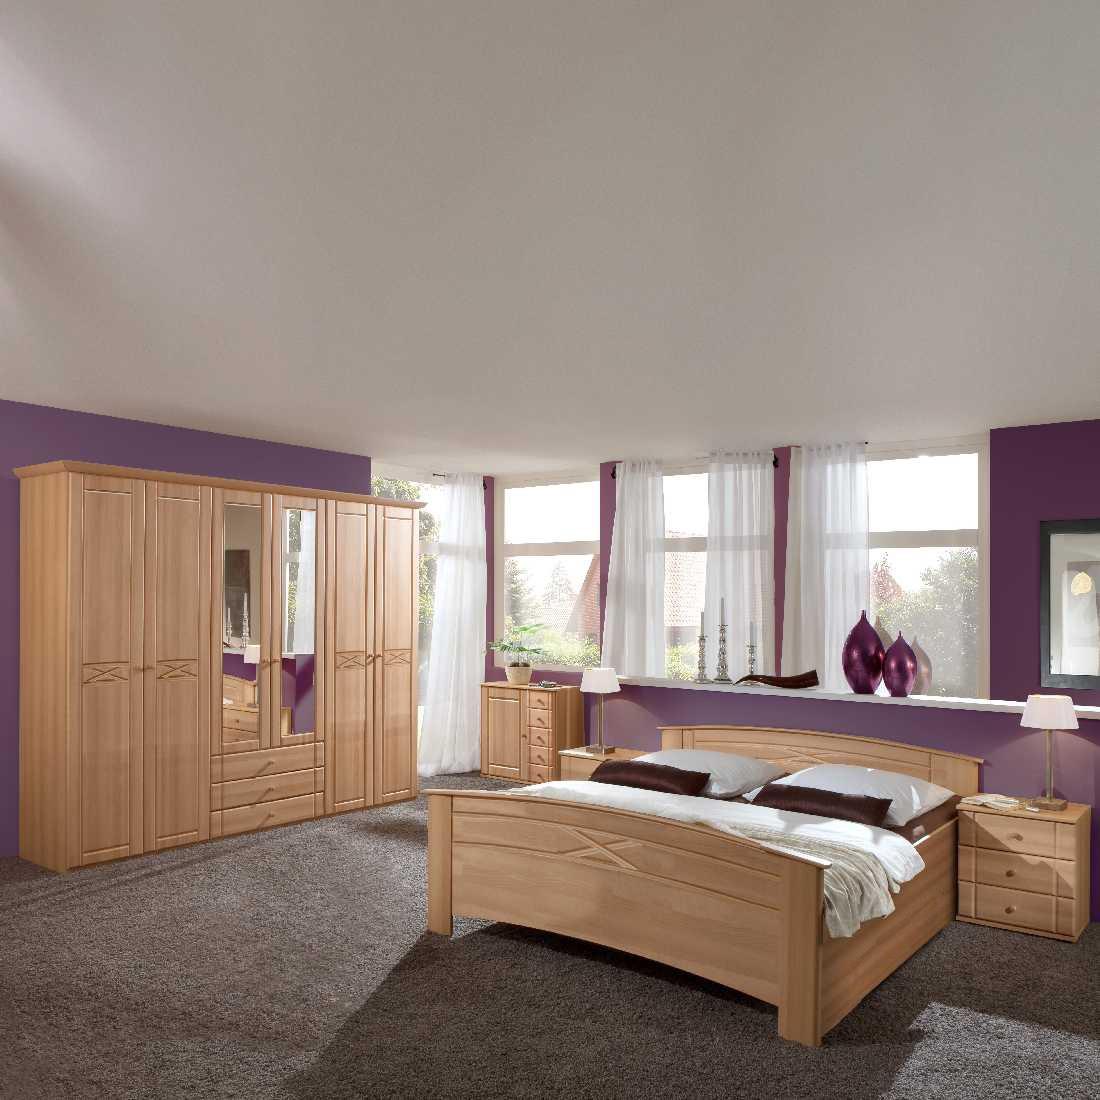 komplettprogramme sets archives. Black Bedroom Furniture Sets. Home Design Ideas